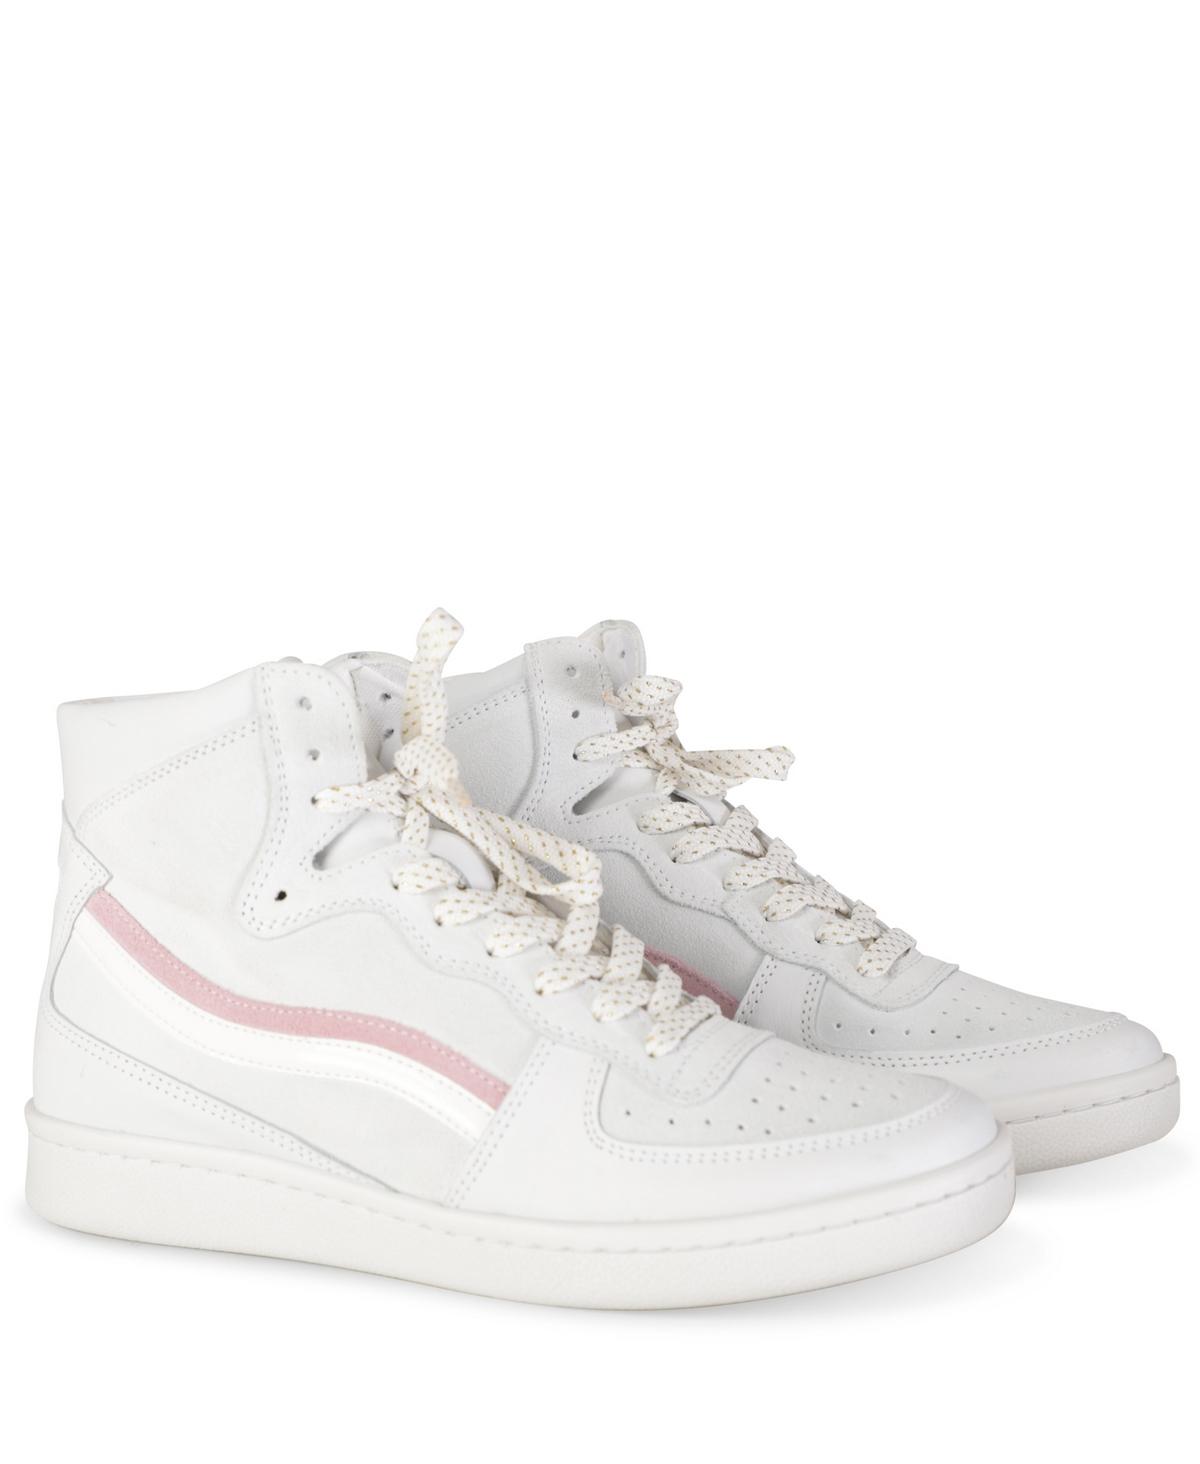 Poelman Sneaker Wit 6641